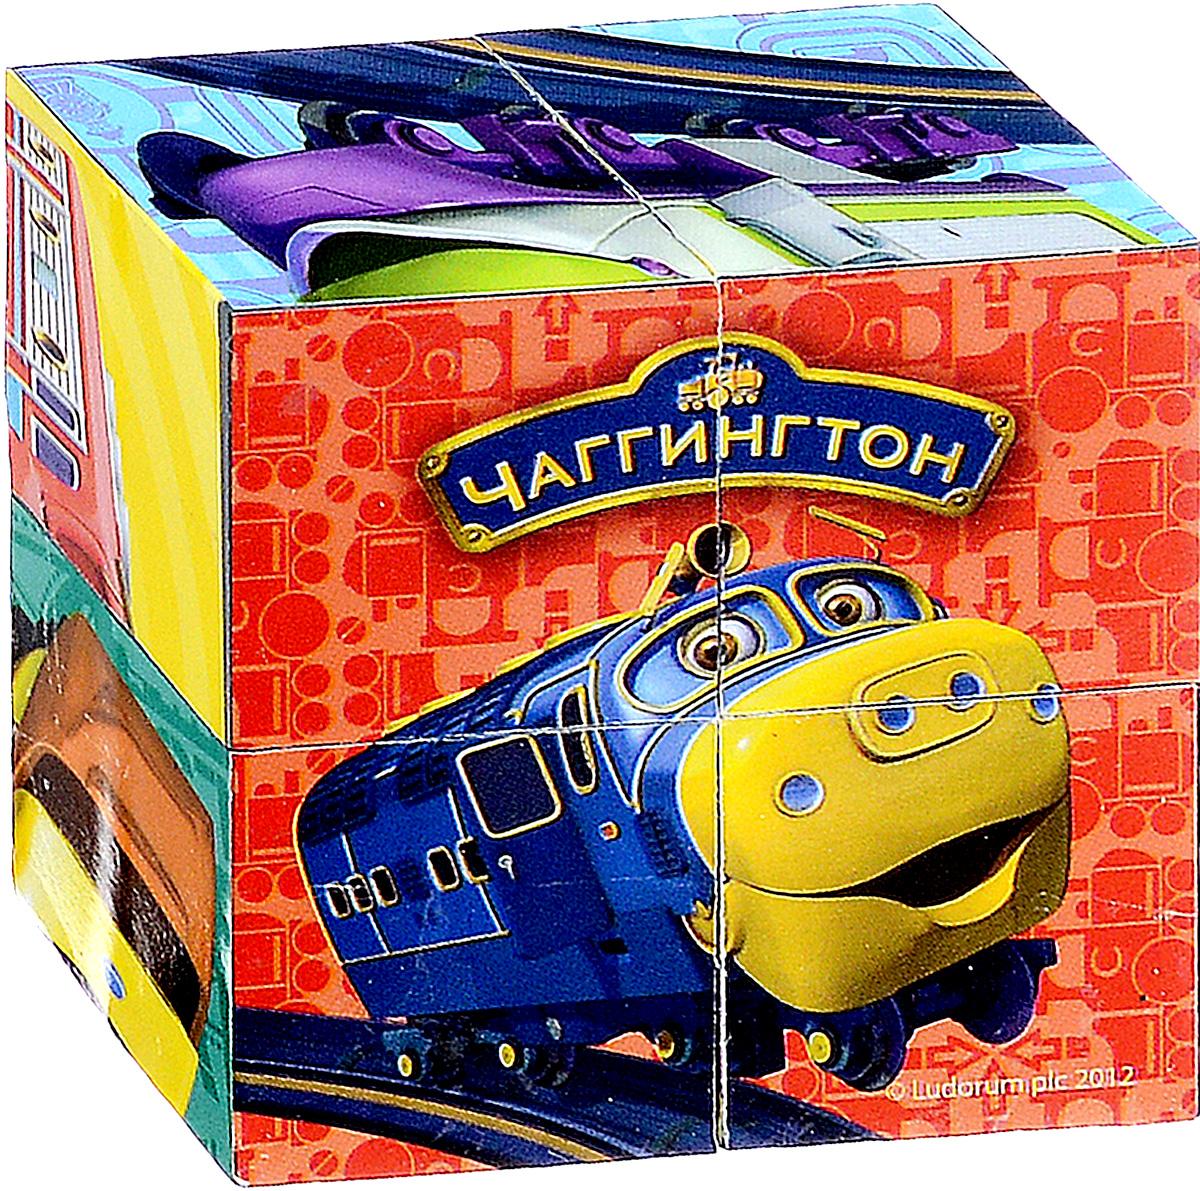 Играем вместе Кубики Чаггингтон01204С помощью двенадцати кубиков Играем вместе Чаггингтон ребенок сможет собрать целых шесть красочных картинок с изображением веселых паровозиков из Чаггингтона. Кубики - самая популярная и самая необходимая игрушка для малыша. Игра с кубиками развивает зрительное восприятие, наблюдательность и внимание, мелкую моторику рук и произвольные движения. Ребенок научится складывать целостный образ из частей, определять недостающие детали изображения. Это прекрасный комплект для развлечения и времяпрепровождения с пользой для малыша.